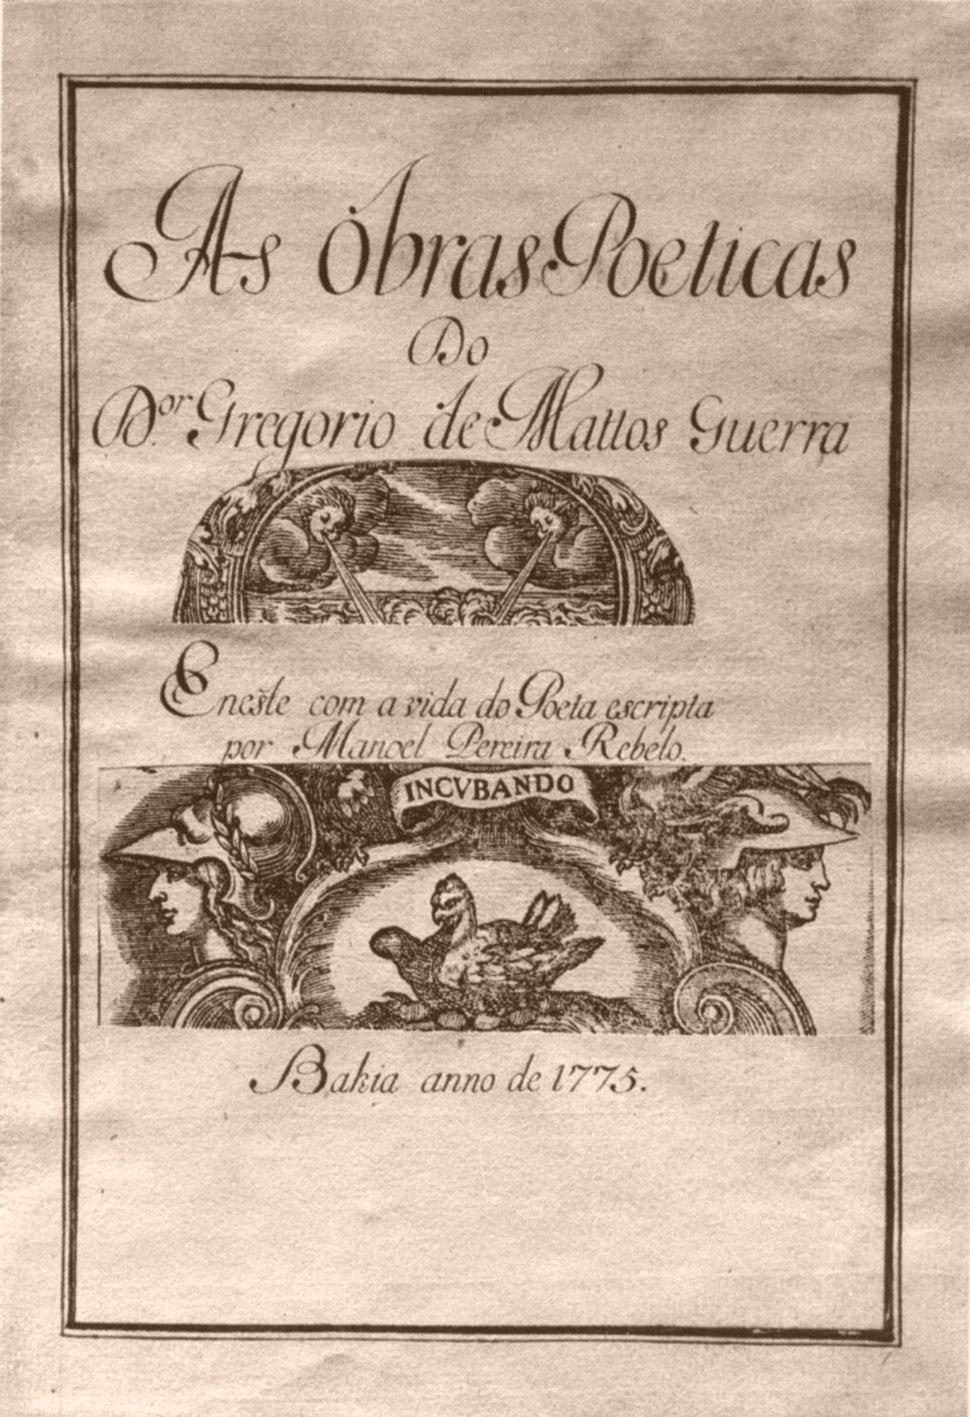 Gregório de Matos 1775